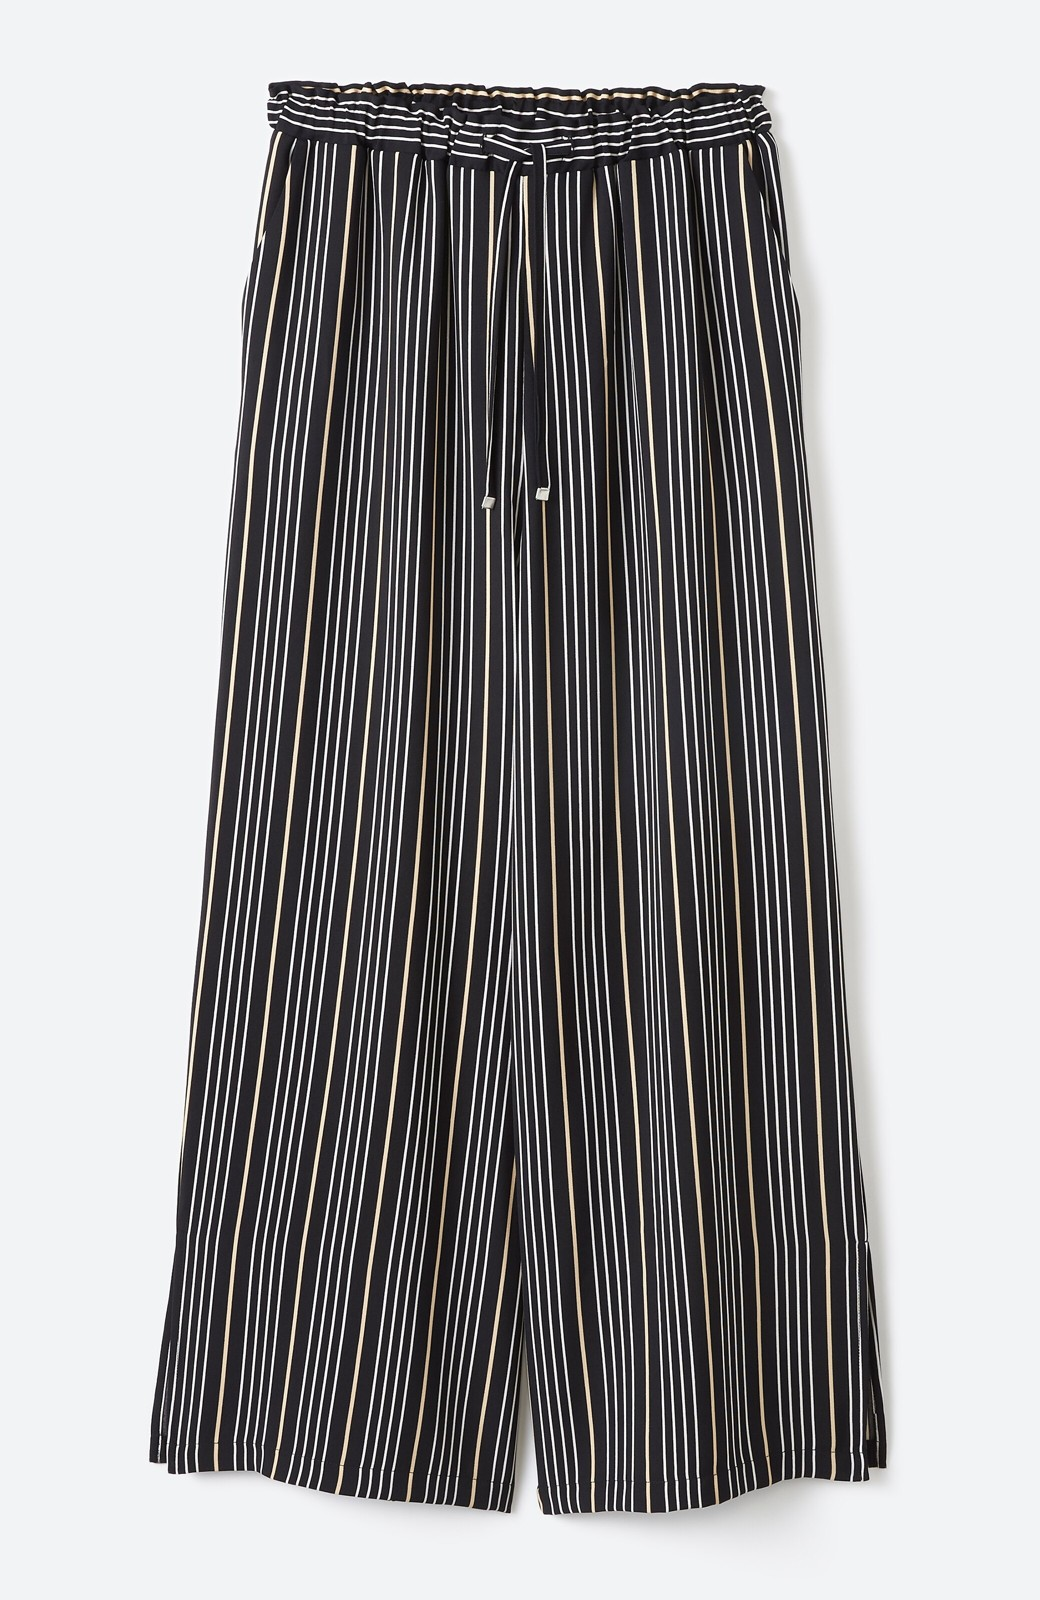 haco! パッとはくだけで着映えはもちろん 重ね着にも便利なストライプワイドパンツ <ブラック系その他>の商品写真21